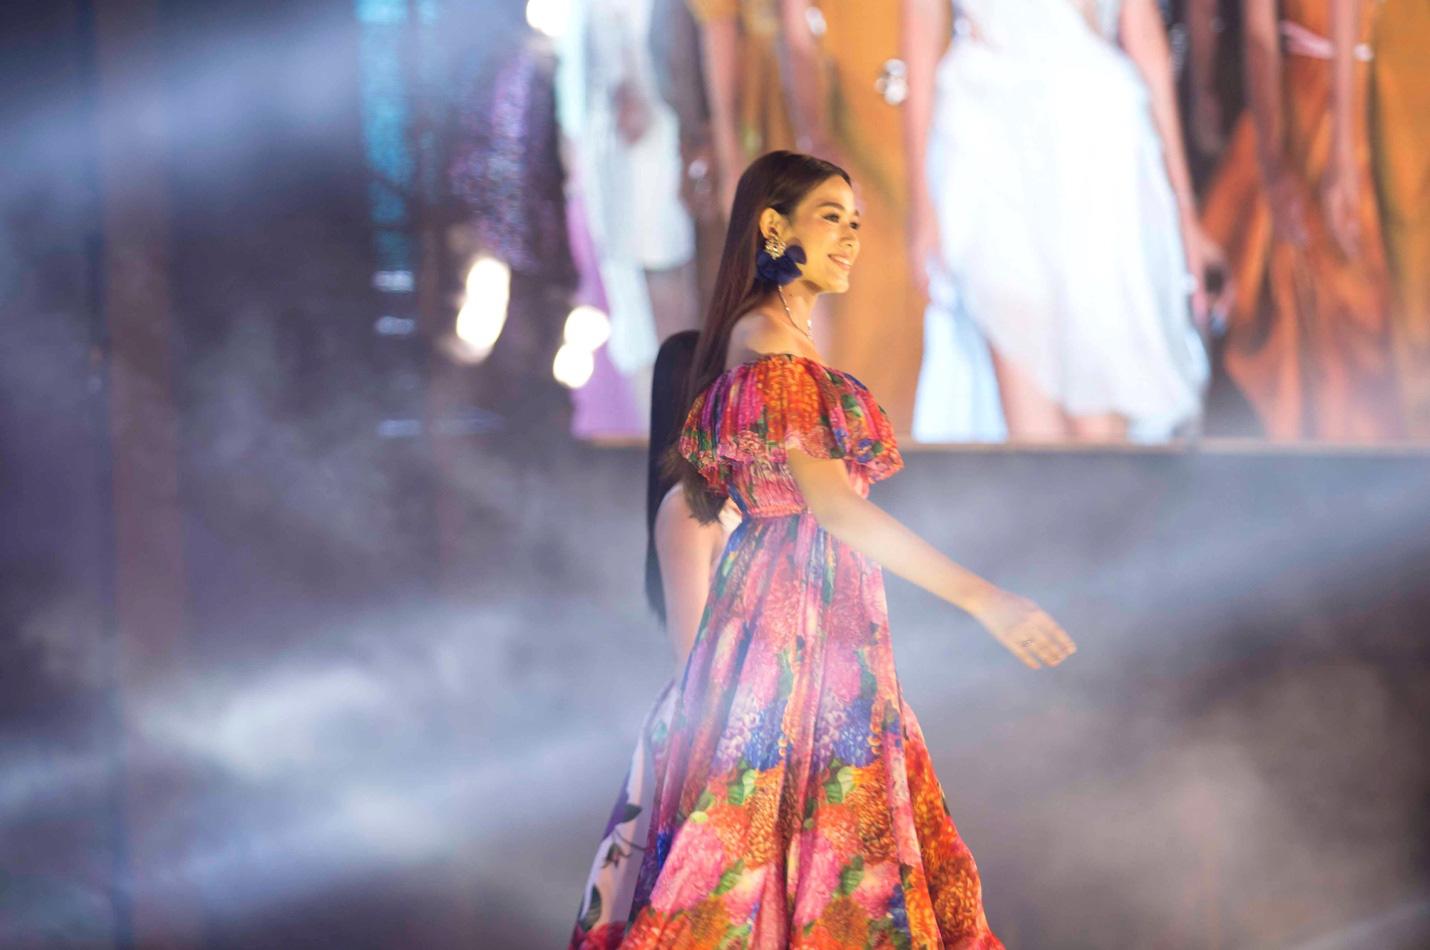 Những khoảnh khắc tỏa sáng của top 3 Hoa hậu Việt Nam cùng thời trang NEVA - Ảnh 2.